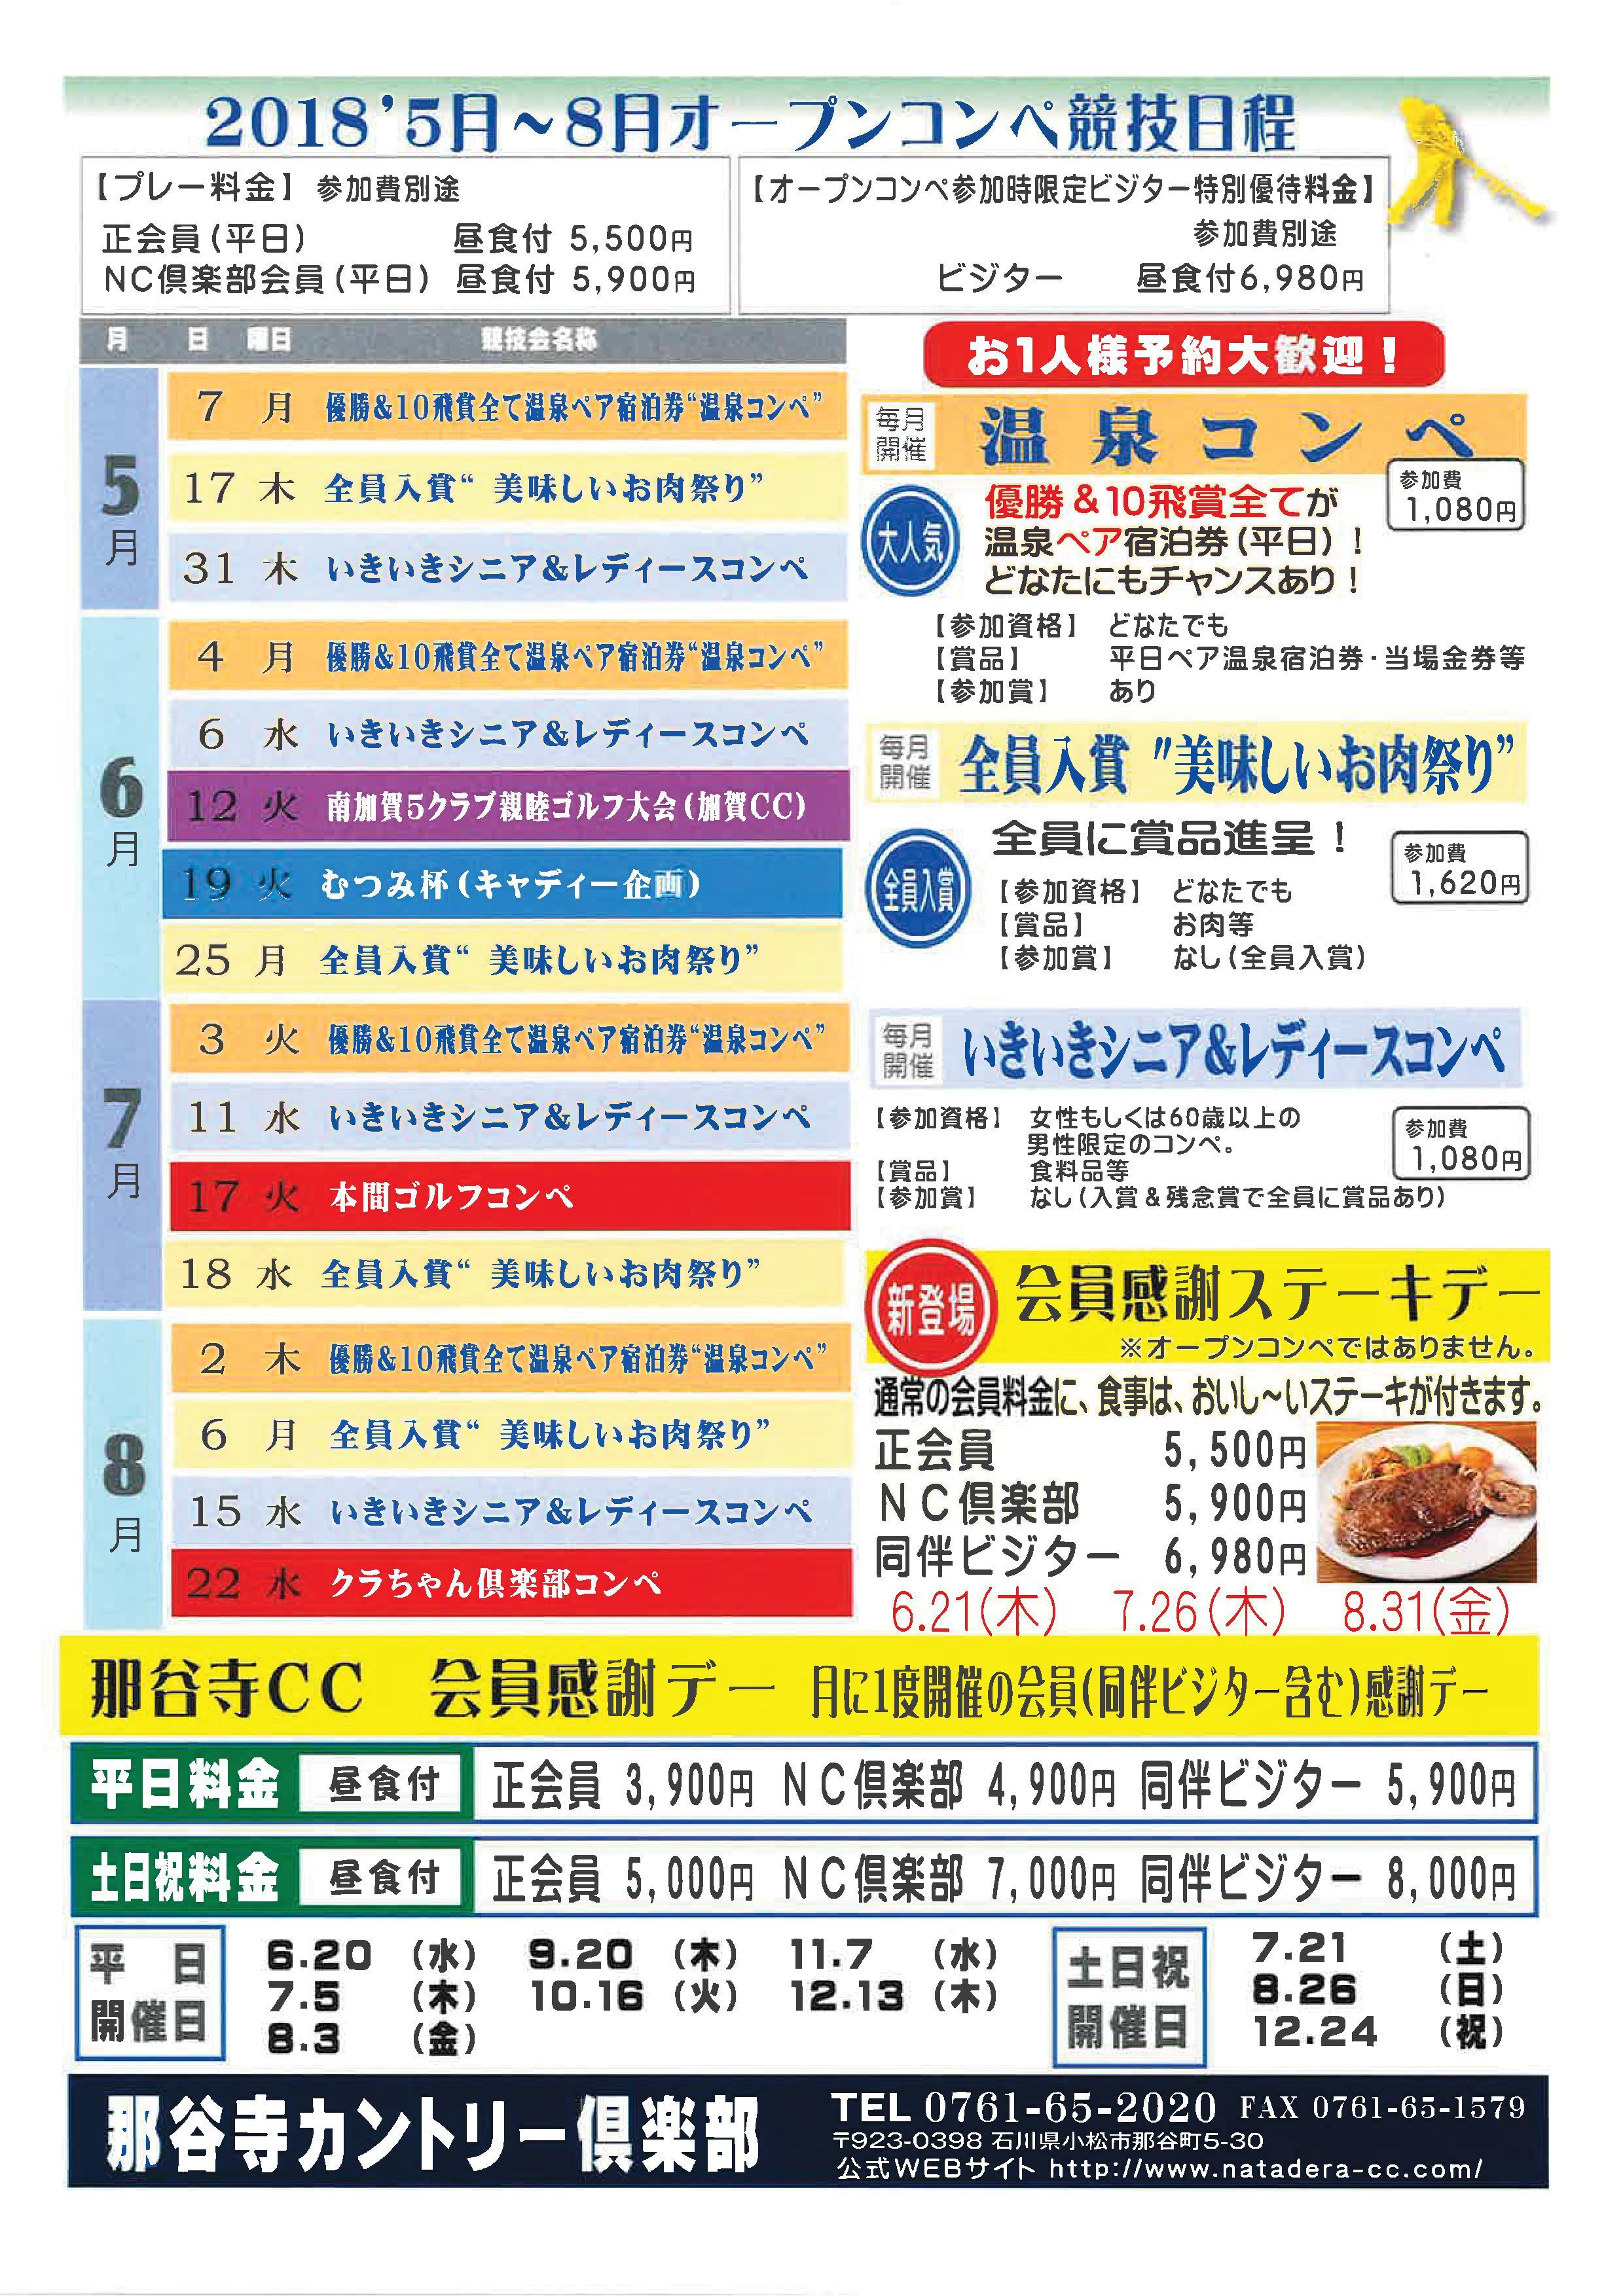 平成30年5月~8月 那谷寺カントリー倶楽部 オープンコンペ・イベントスケジュール